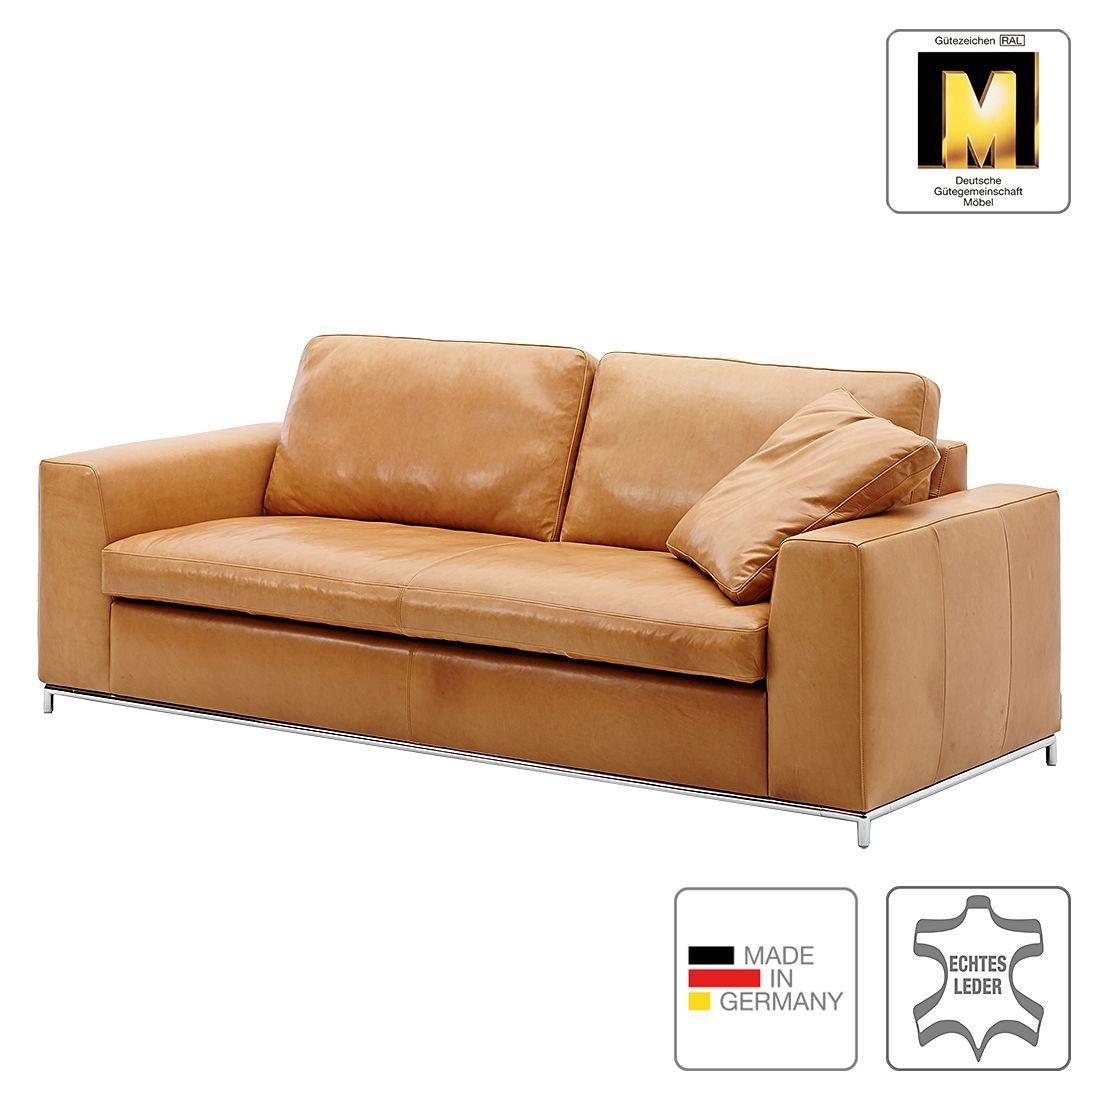 Landhausmobel Sofa Pic : Landhausmöbel sofa neu rheumri